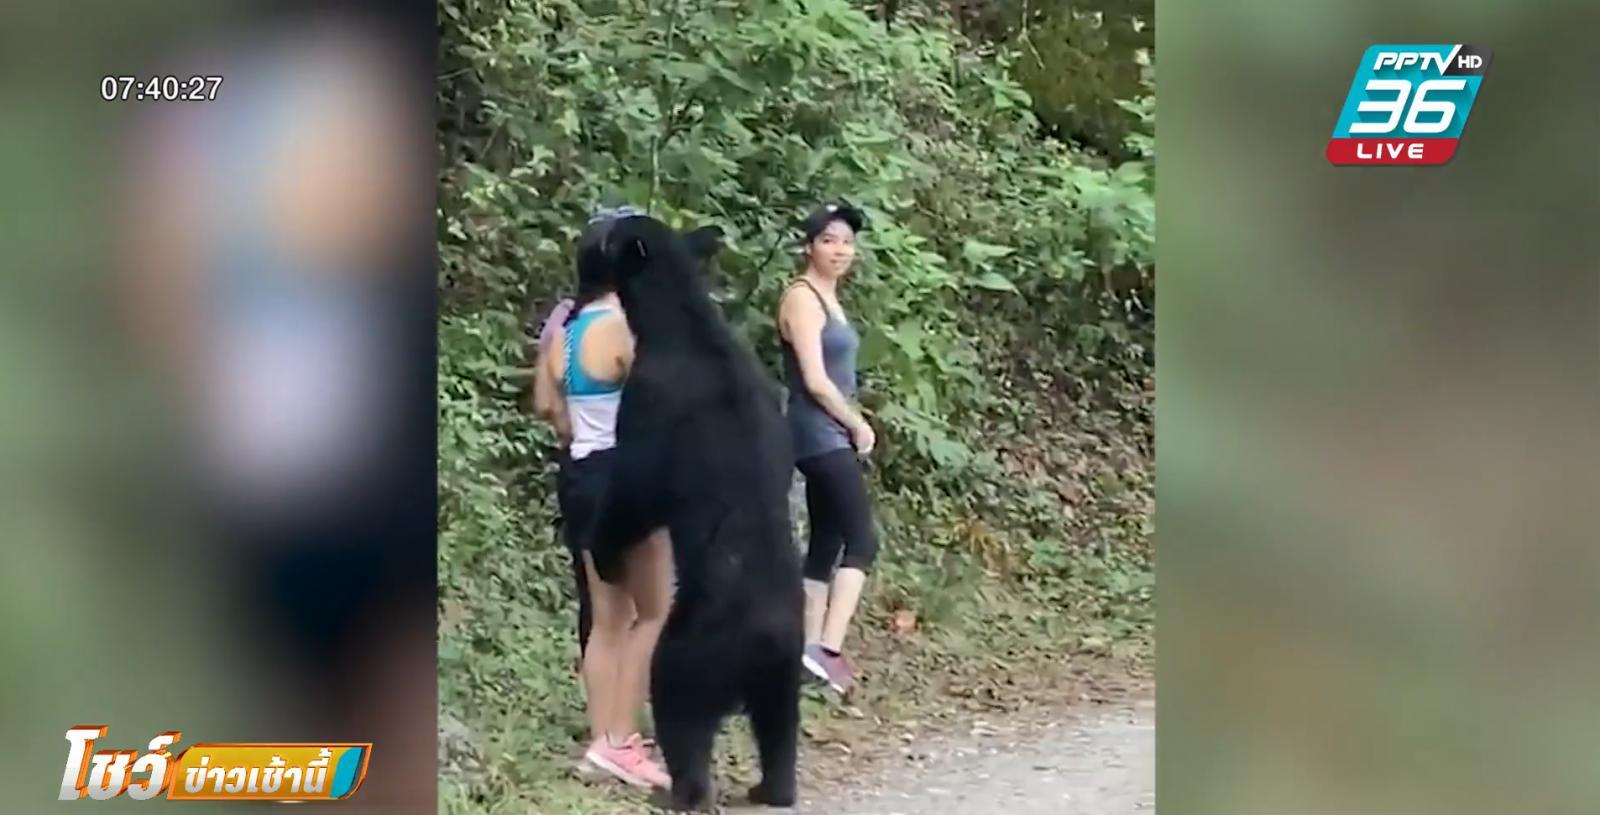 สาวน้อยเม็กซิกัน ใจกล้าเซลฟีกับหมีกลางป่า